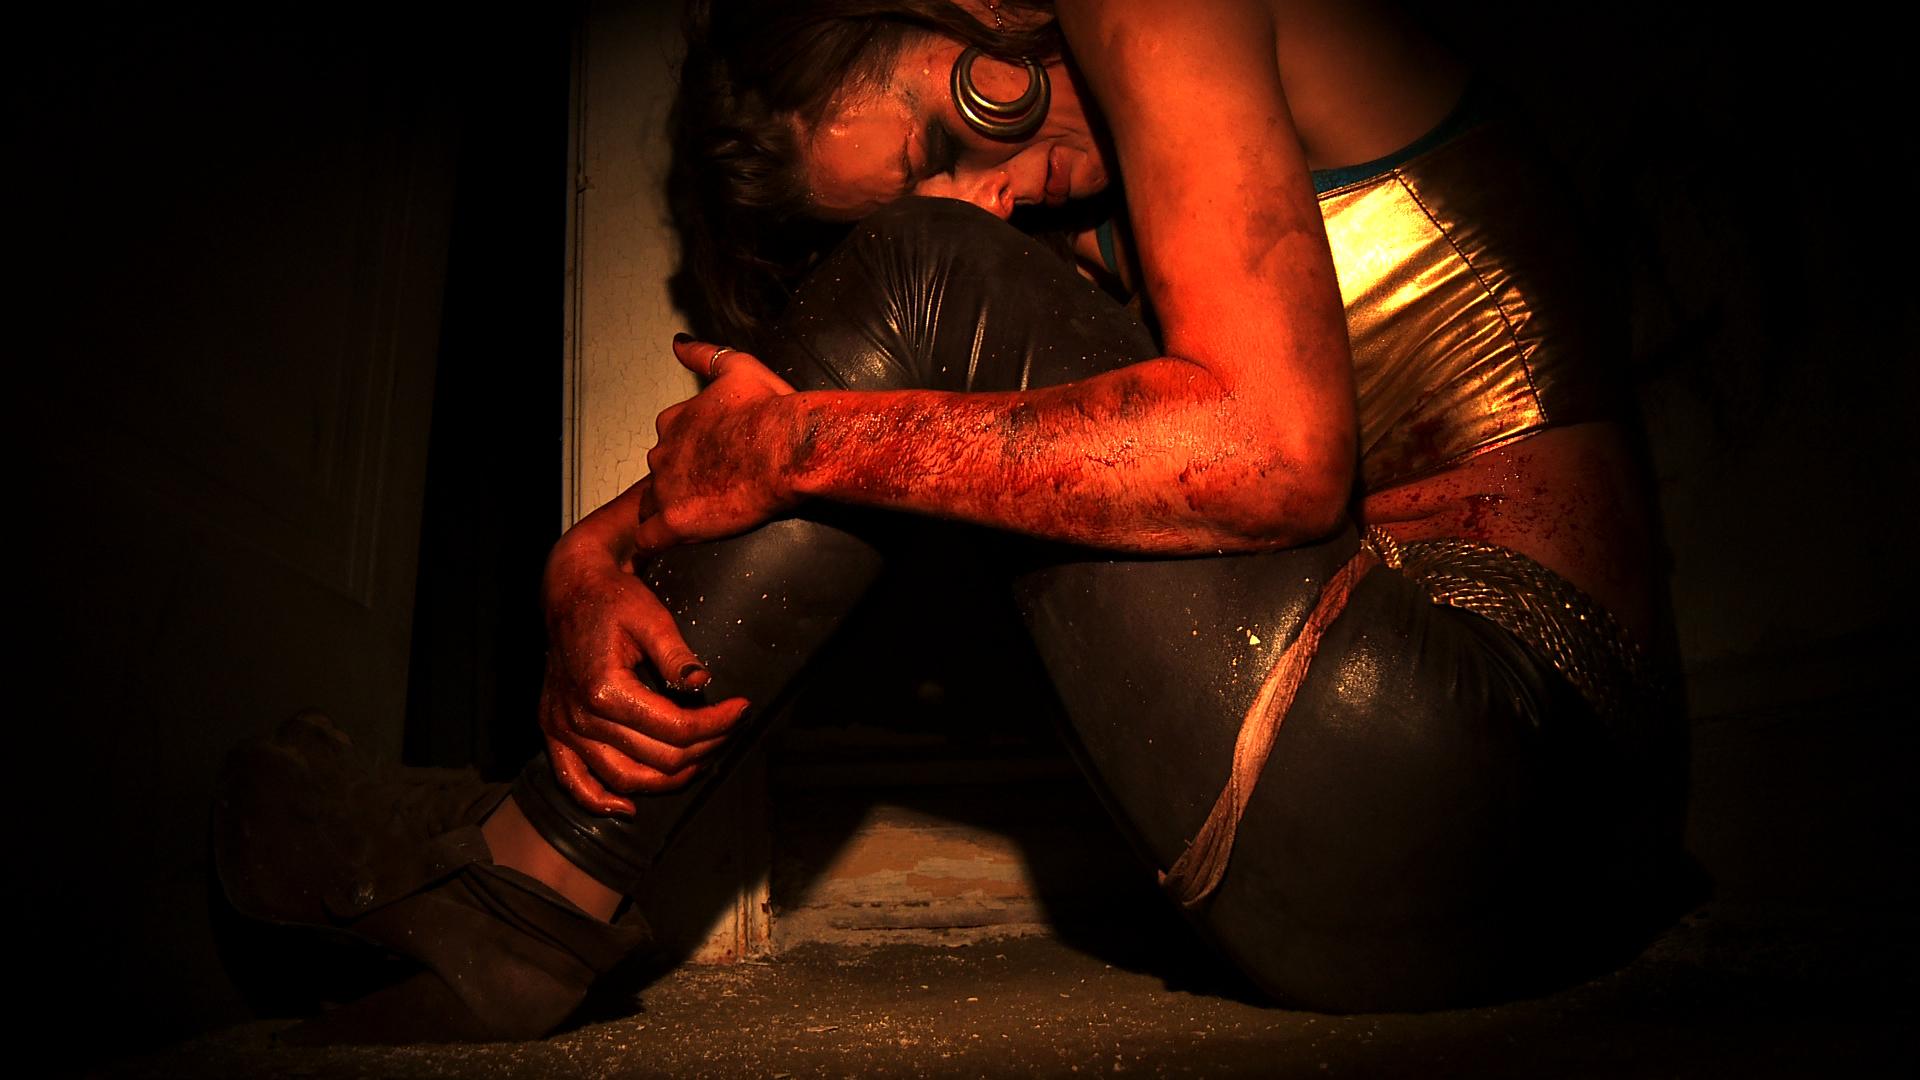 Похищение с аналом, Похищение анал - видео rating Flesh Hole HD 4 фотография